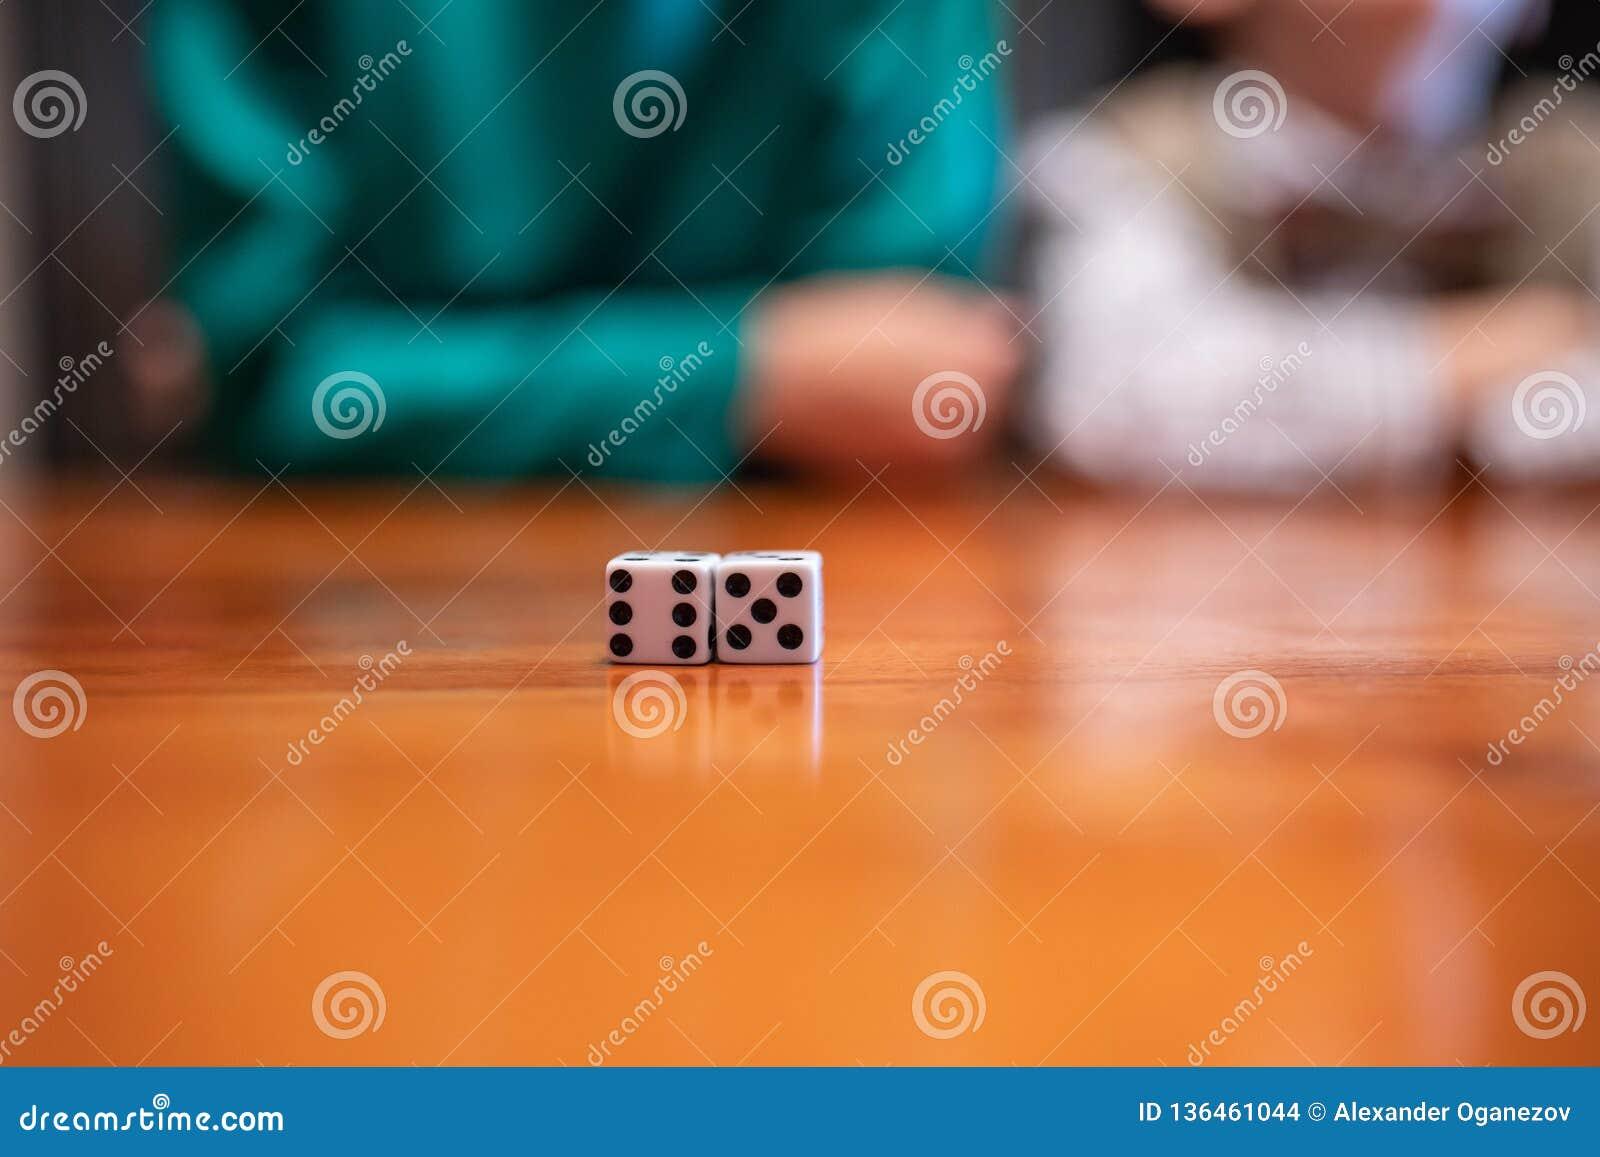 Το τυχερό παιχνίδι χωρίζει σε τετράγωνα στον πίνακα με τα παιδιά